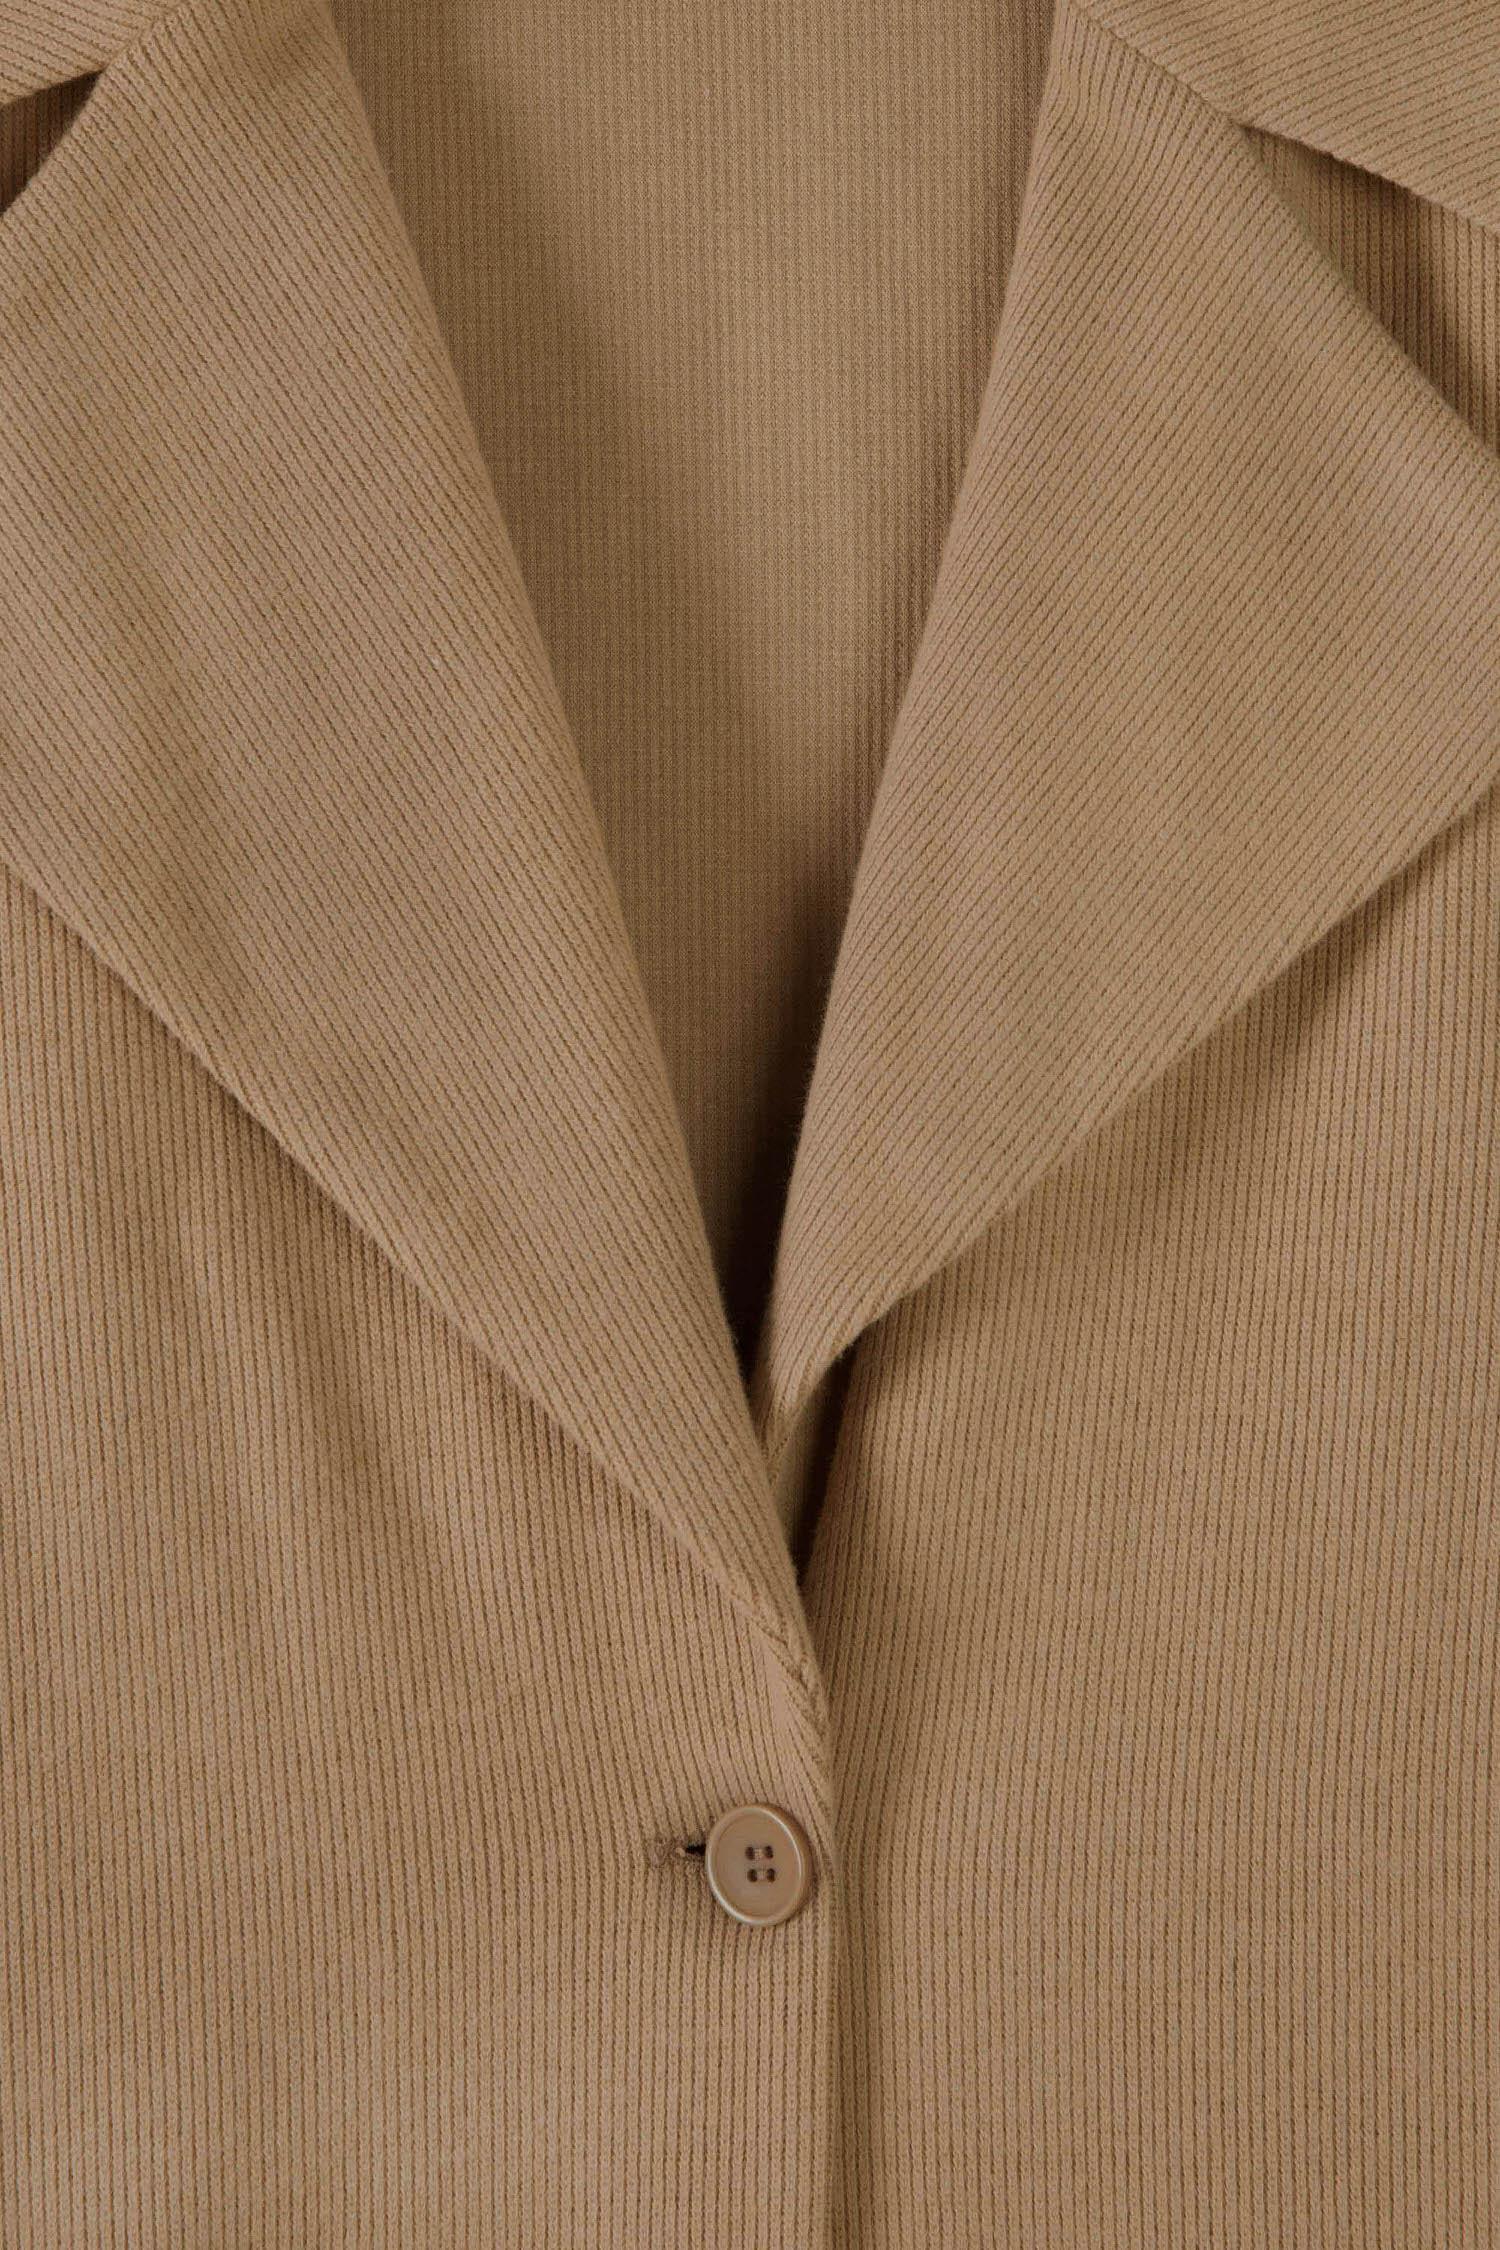 Coat 2491 Beige 10